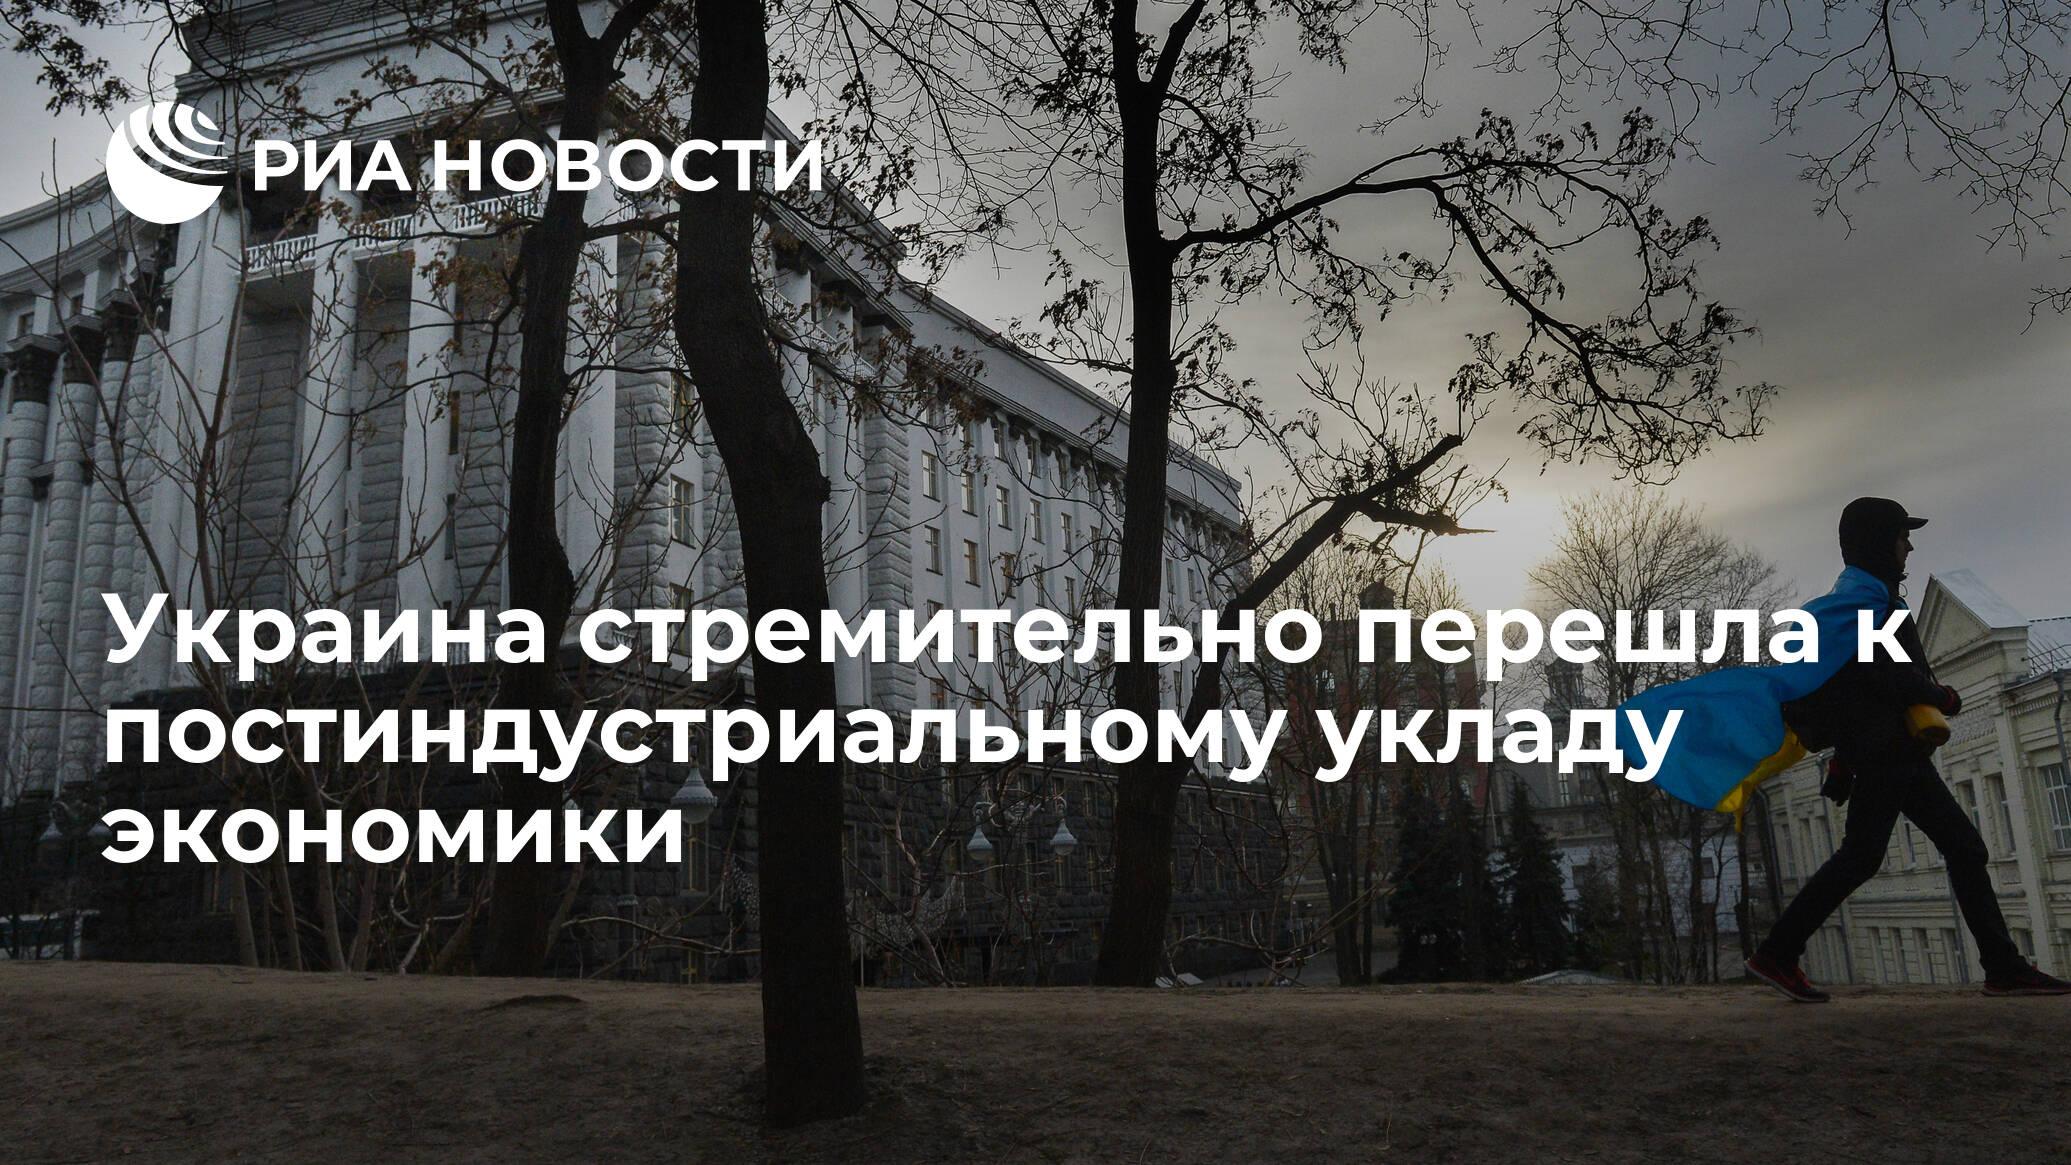 Украина стремительно перешла к постиндустриальному укладу экономики